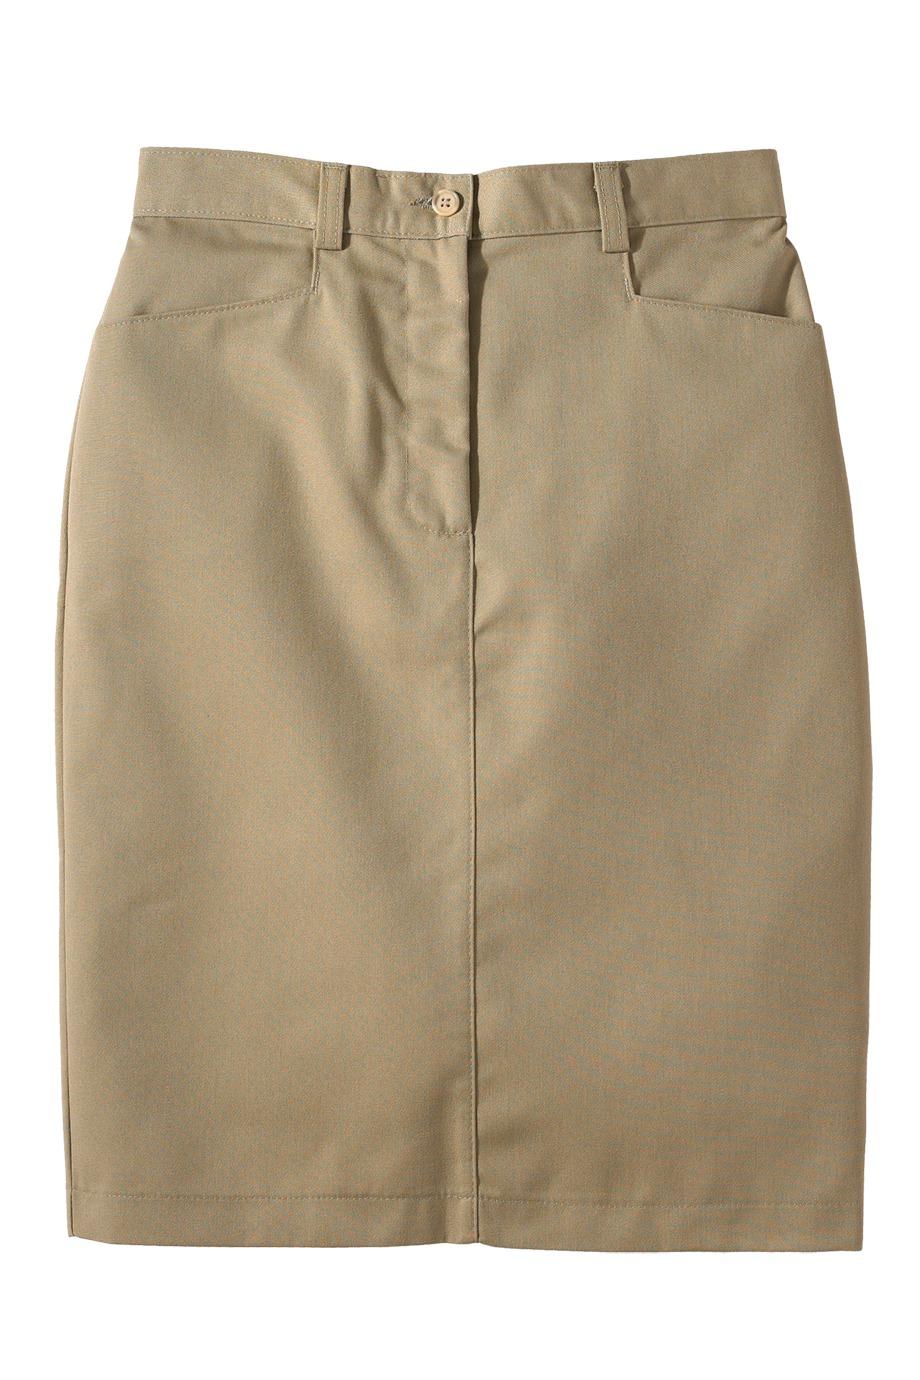 Edwards Garment 9711 - Women's Chino Skirt